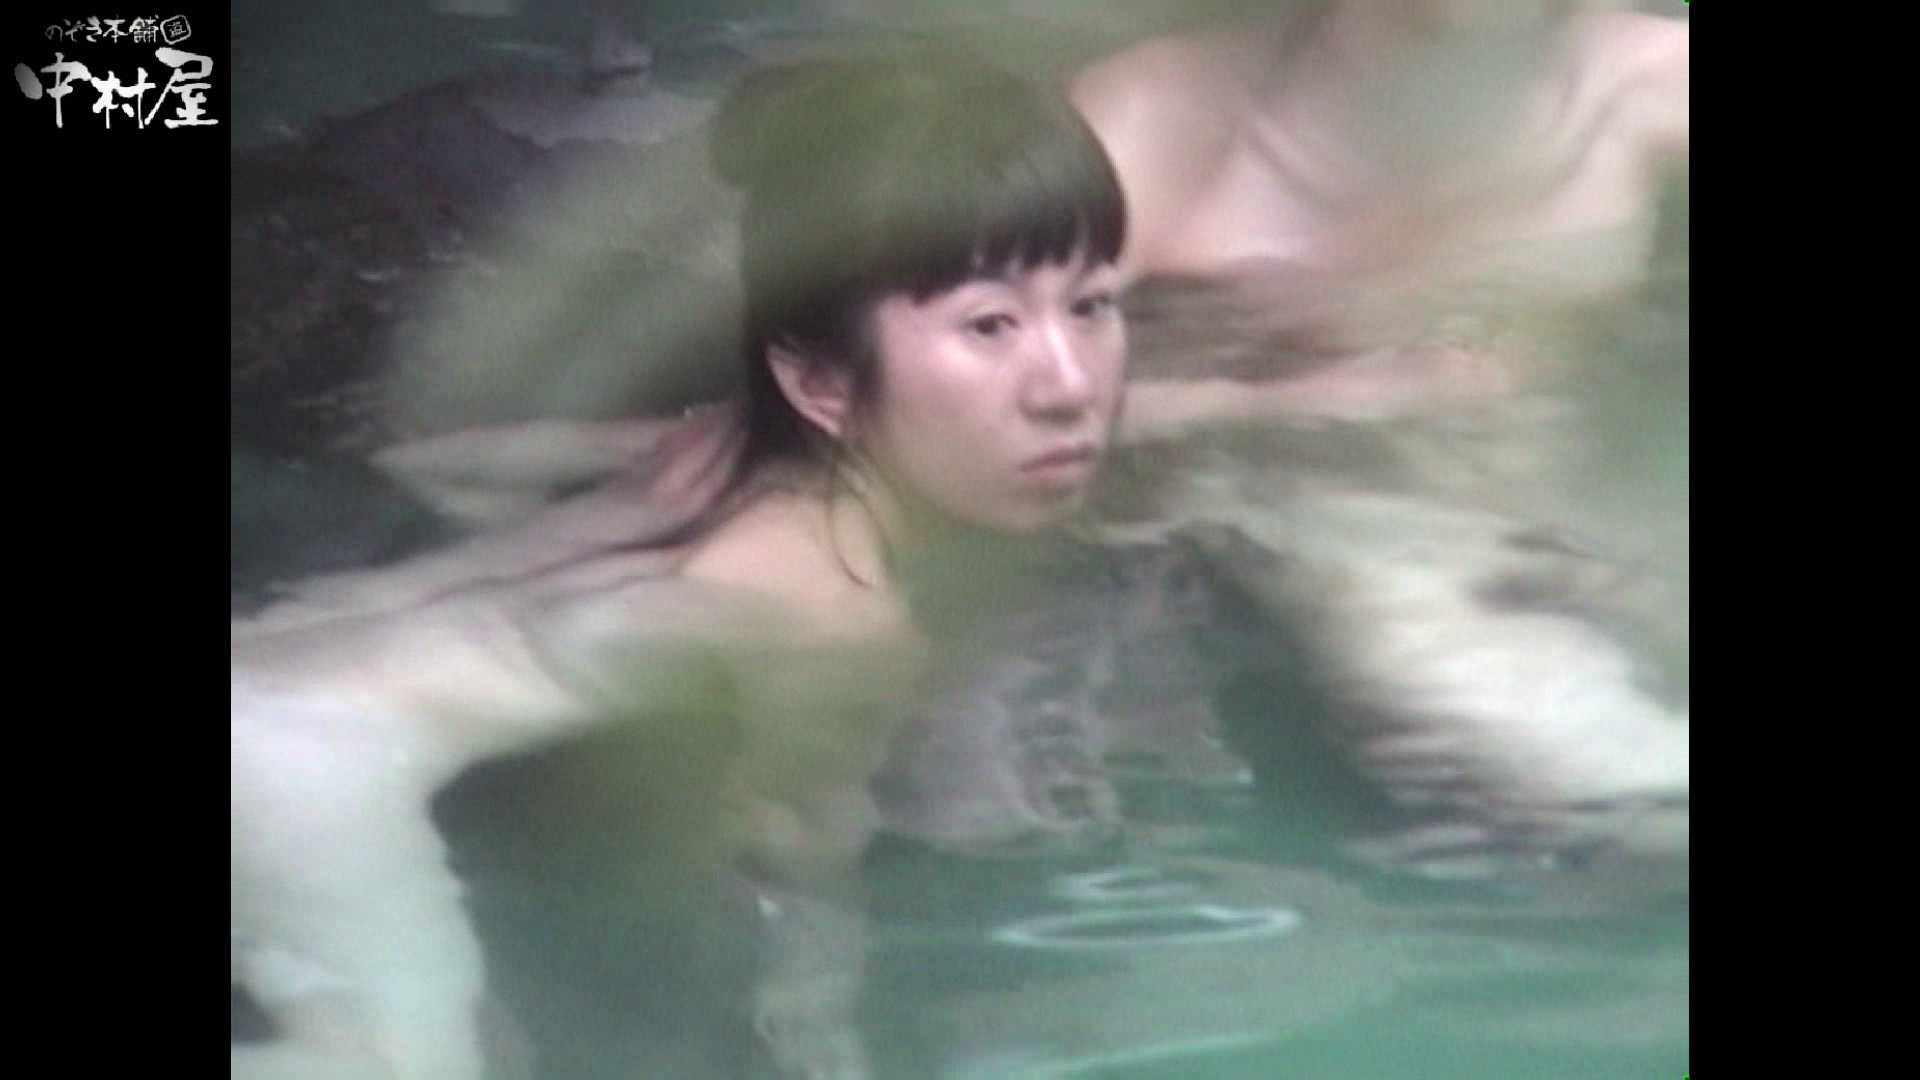 Aquaな露天風呂Vol.953 OLのエロ生活  107連発 72